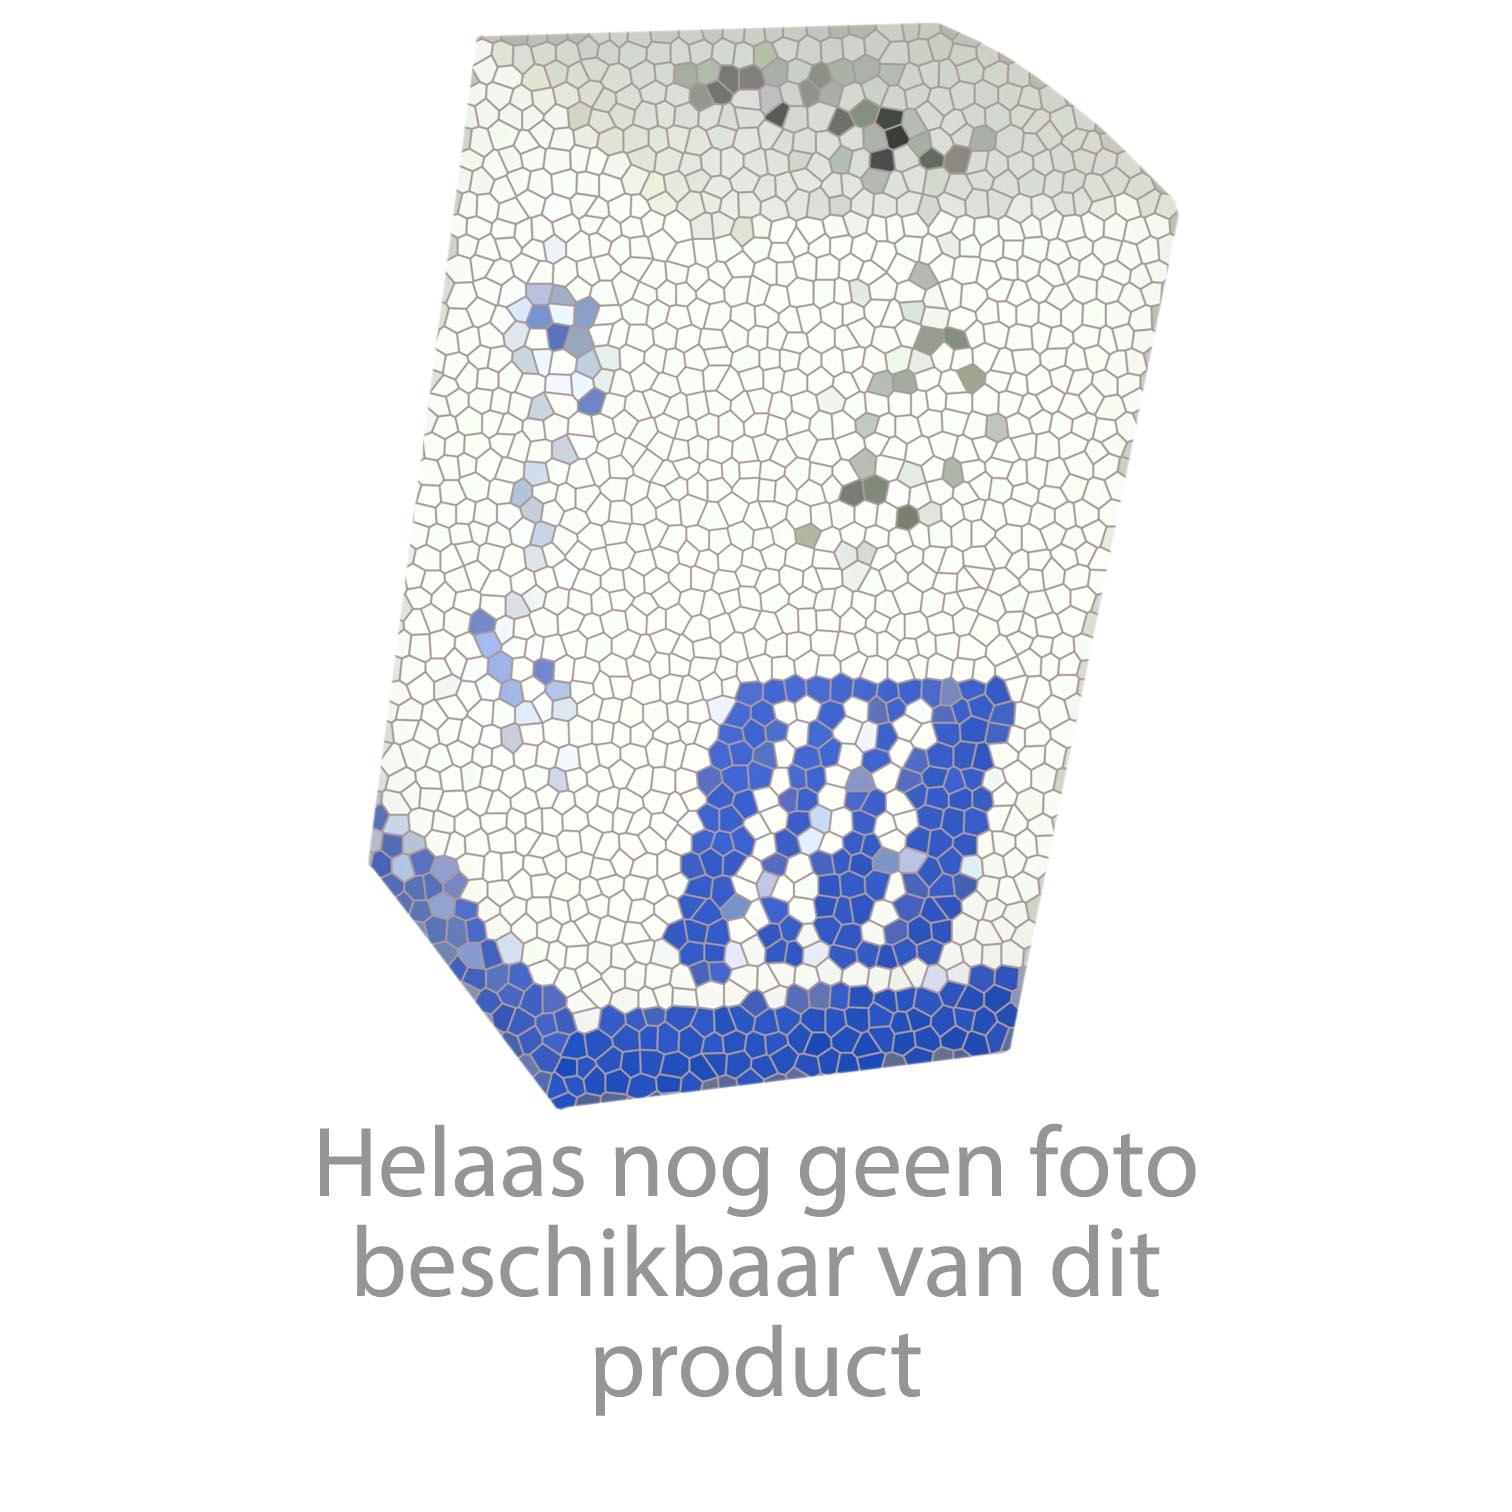 Echtermann ECOSTAR 1-gats bladmodel, tussenkraan op stijgpijp Artikel nummer 1507.02K (Keramisch)